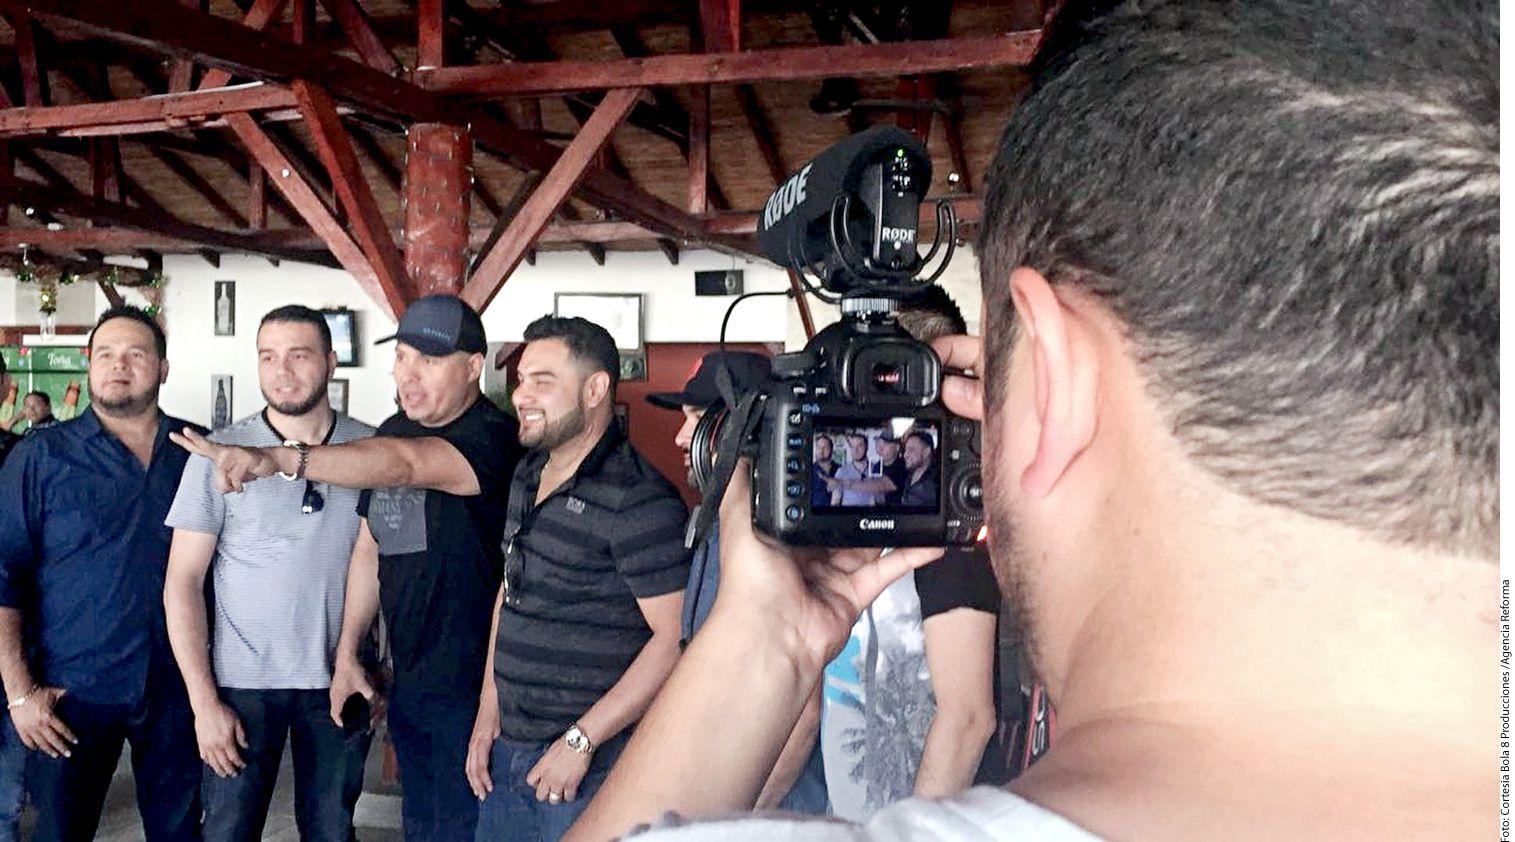 La banda MS ofrecerá a sus fans otra visión de su vida por medio del reality. / AGENCIA REFORMA